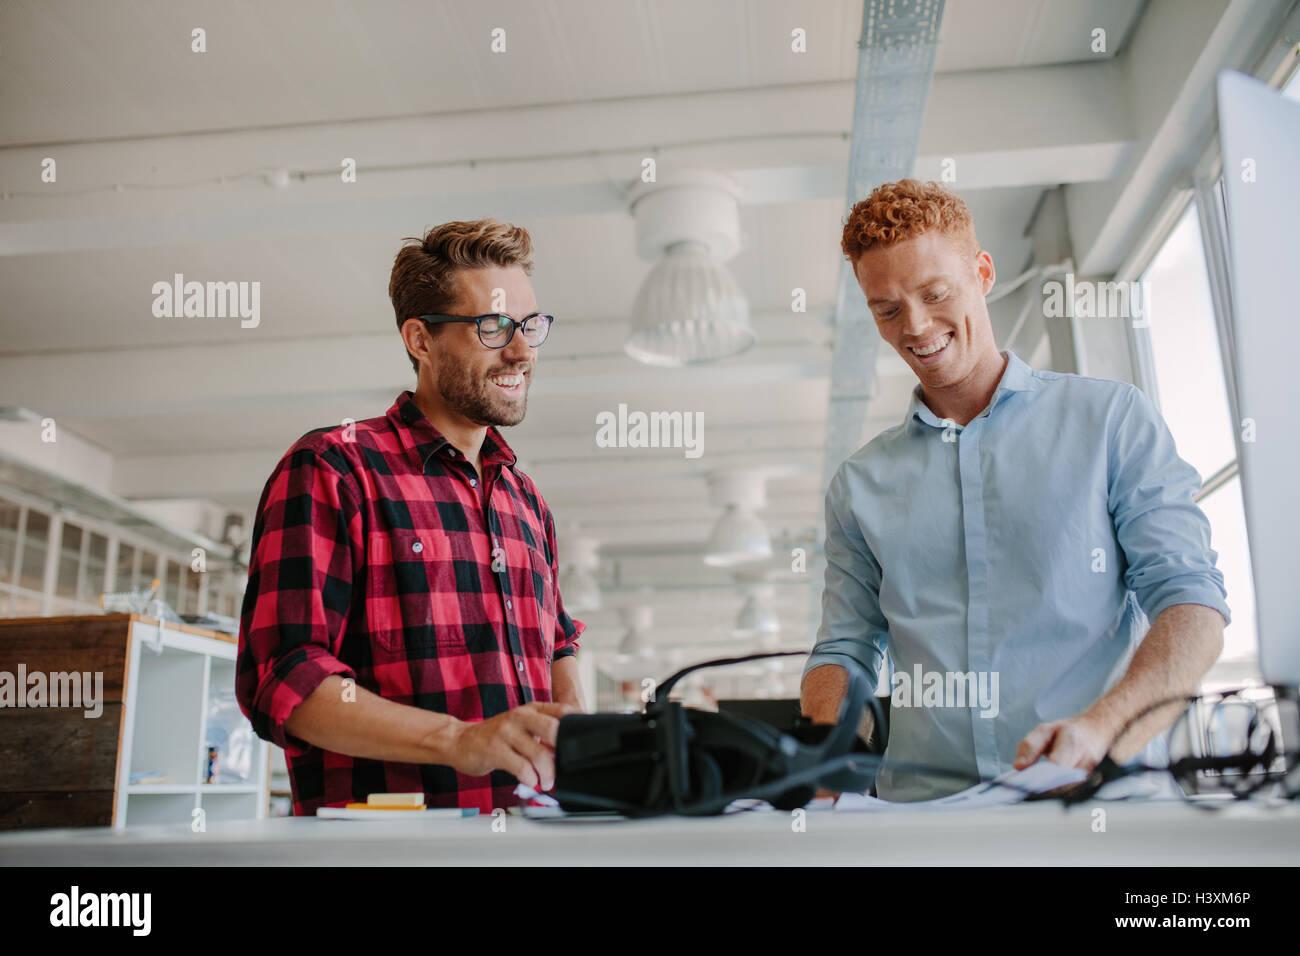 Photo de heureux jeune homme travaillant ensemble dans un bureau moderne. Équipe de développeurs qui travaillent Photo Stock